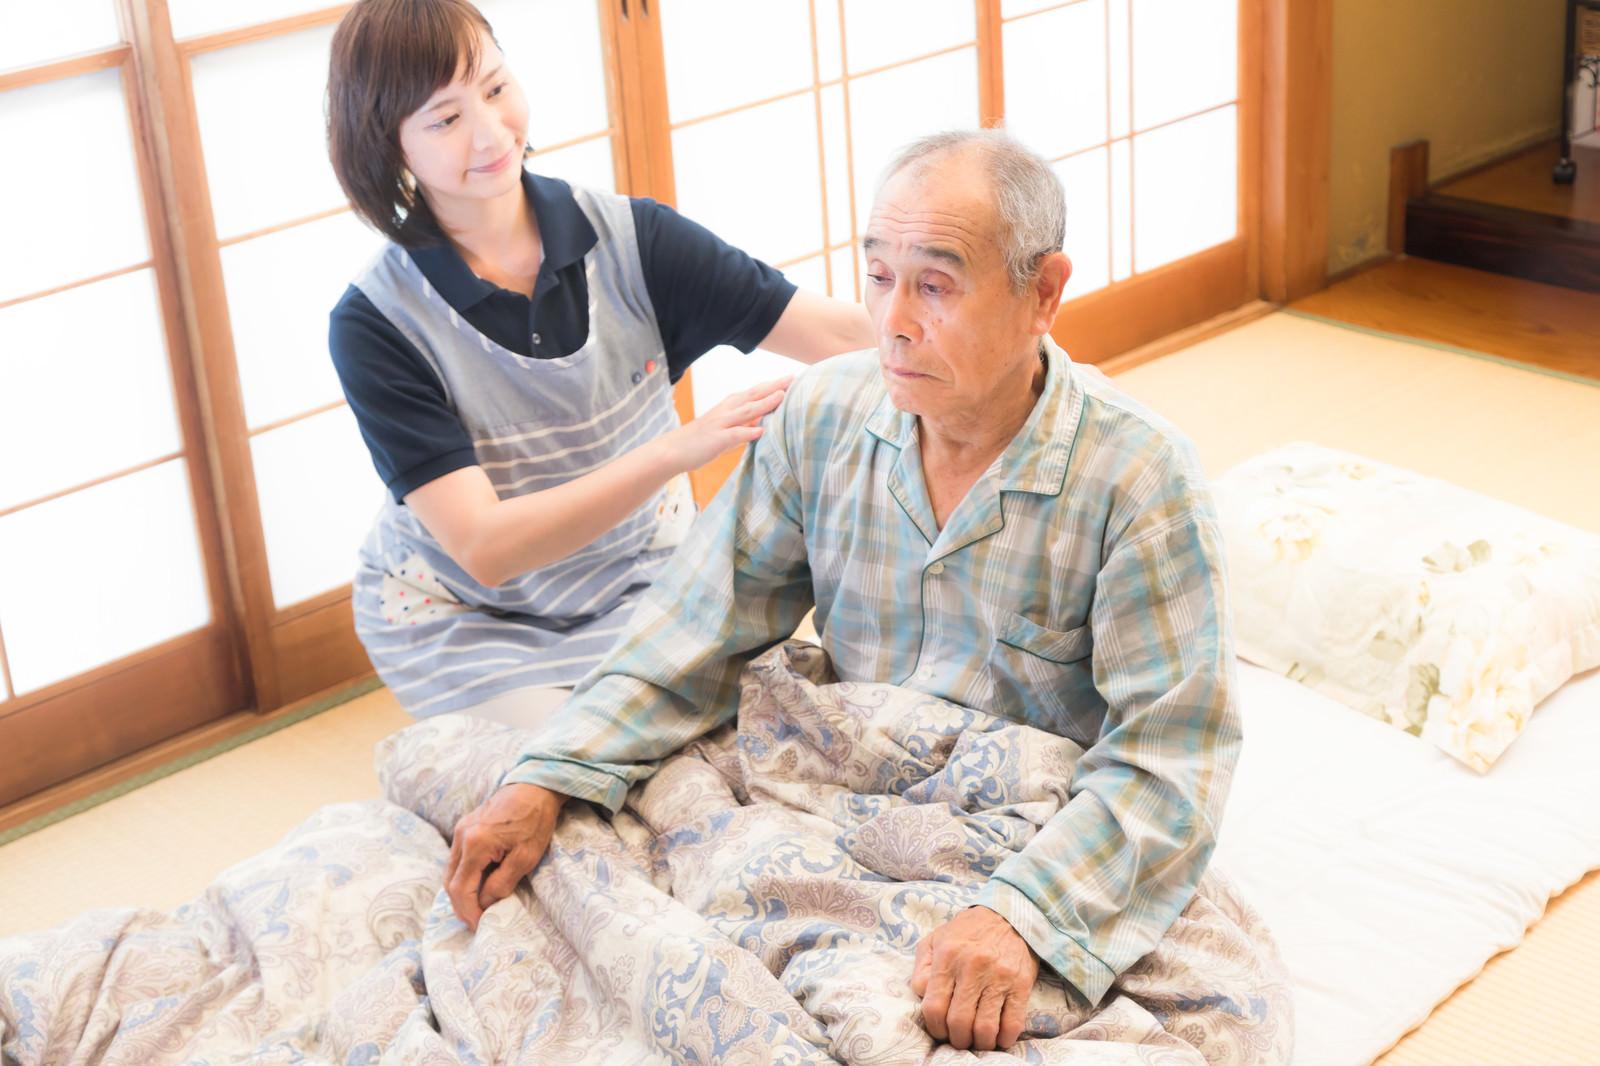 「寝たきり老人の背中をさする女性ヘルパー」の写真[モデル:yumiko まーちゃん]